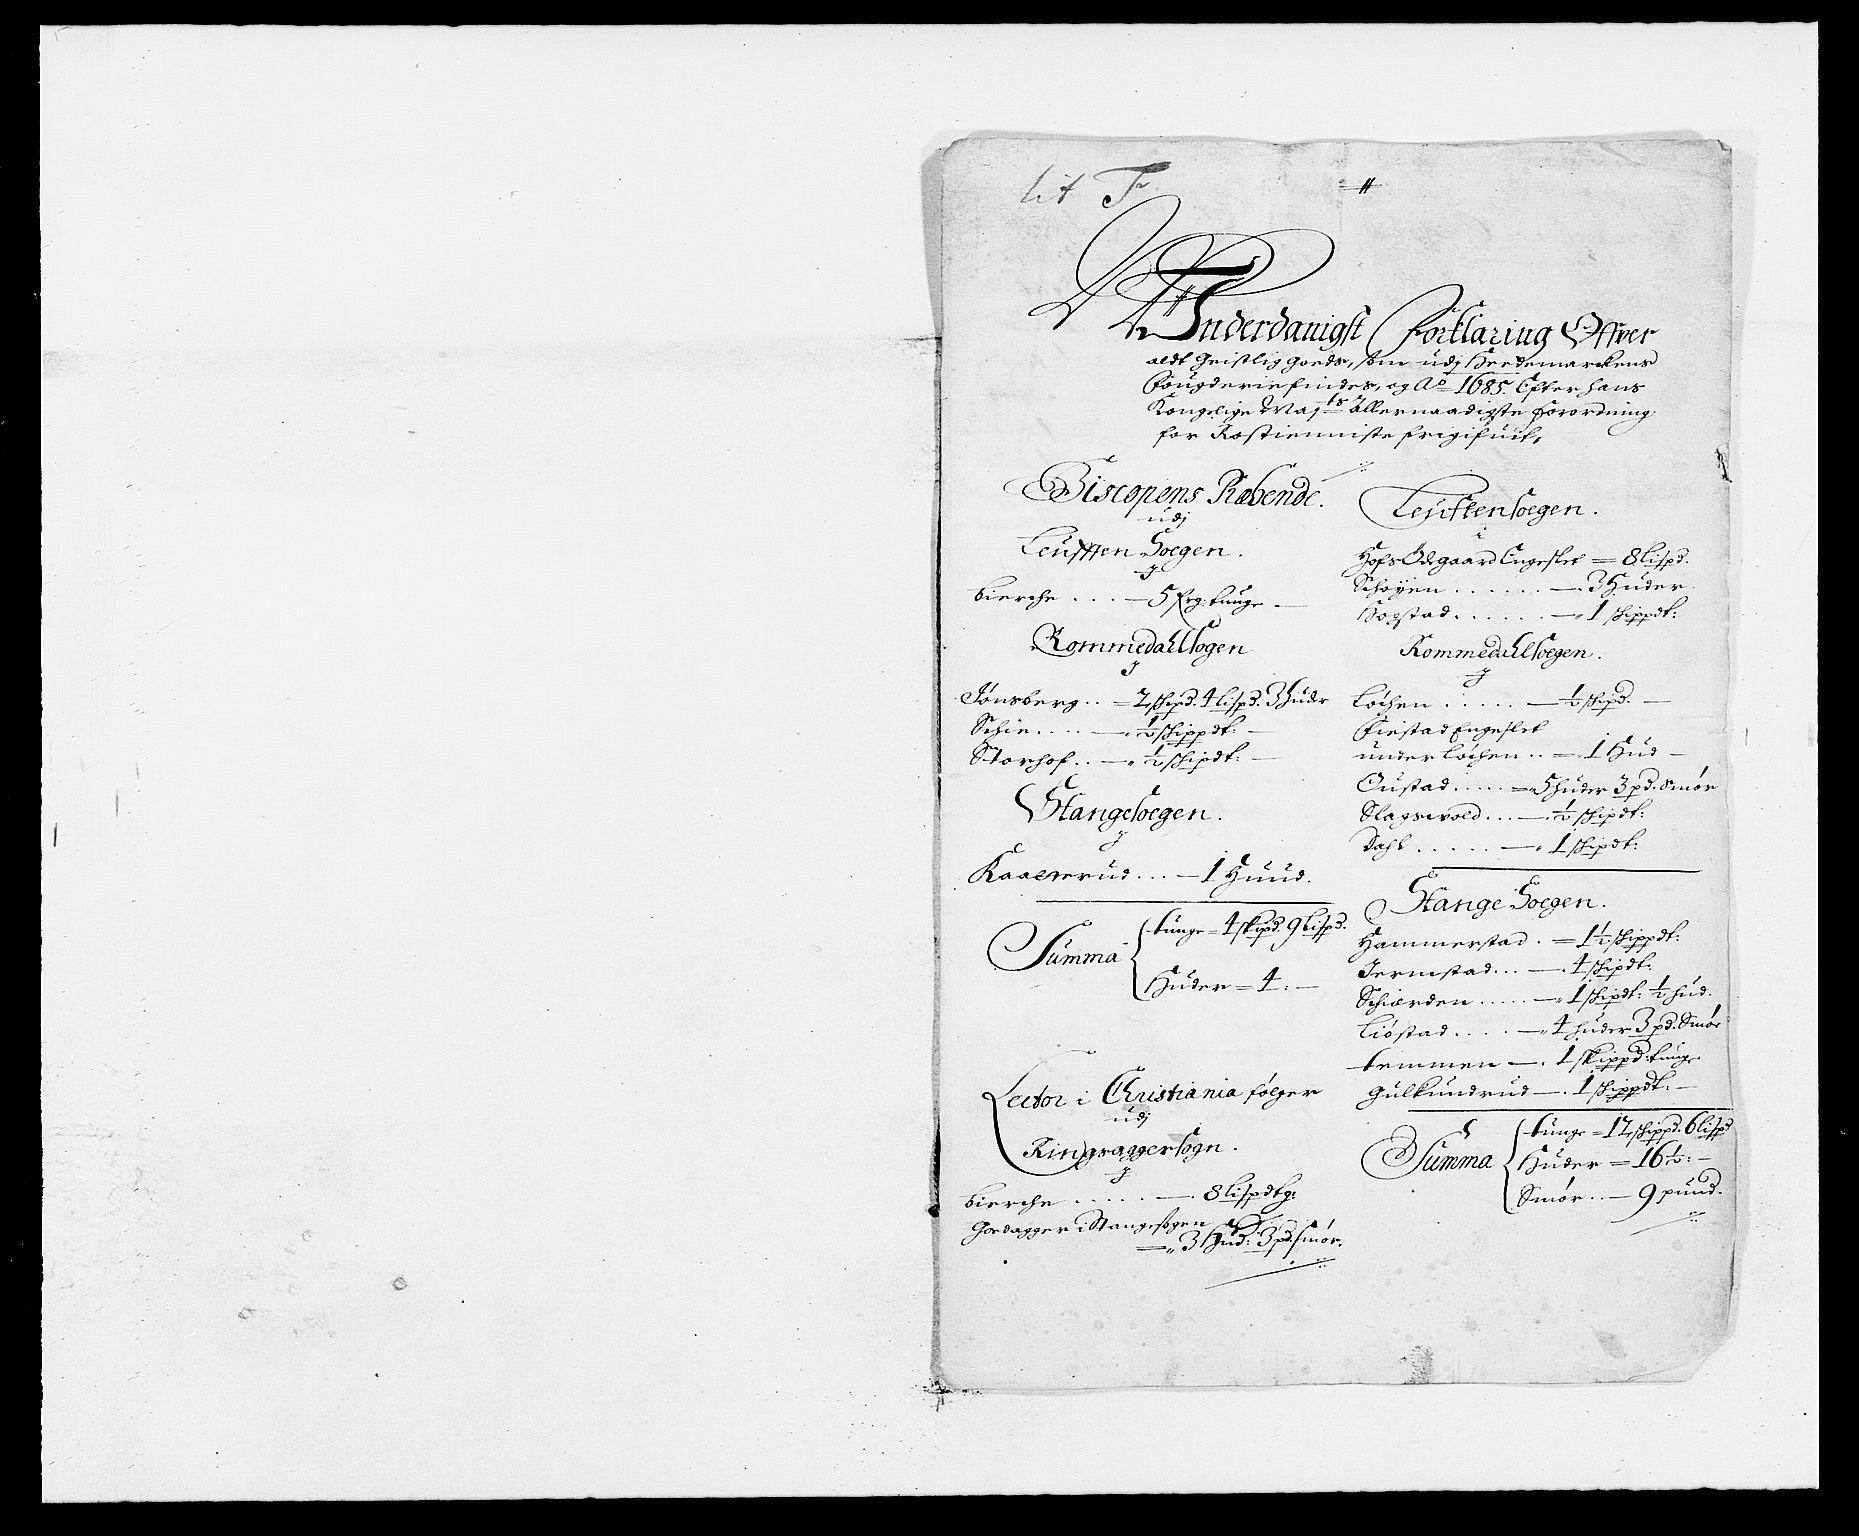 RA, Rentekammeret inntil 1814, Reviderte regnskaper, Fogderegnskap, R16/L1026: Fogderegnskap Hedmark, 1685, s. 130